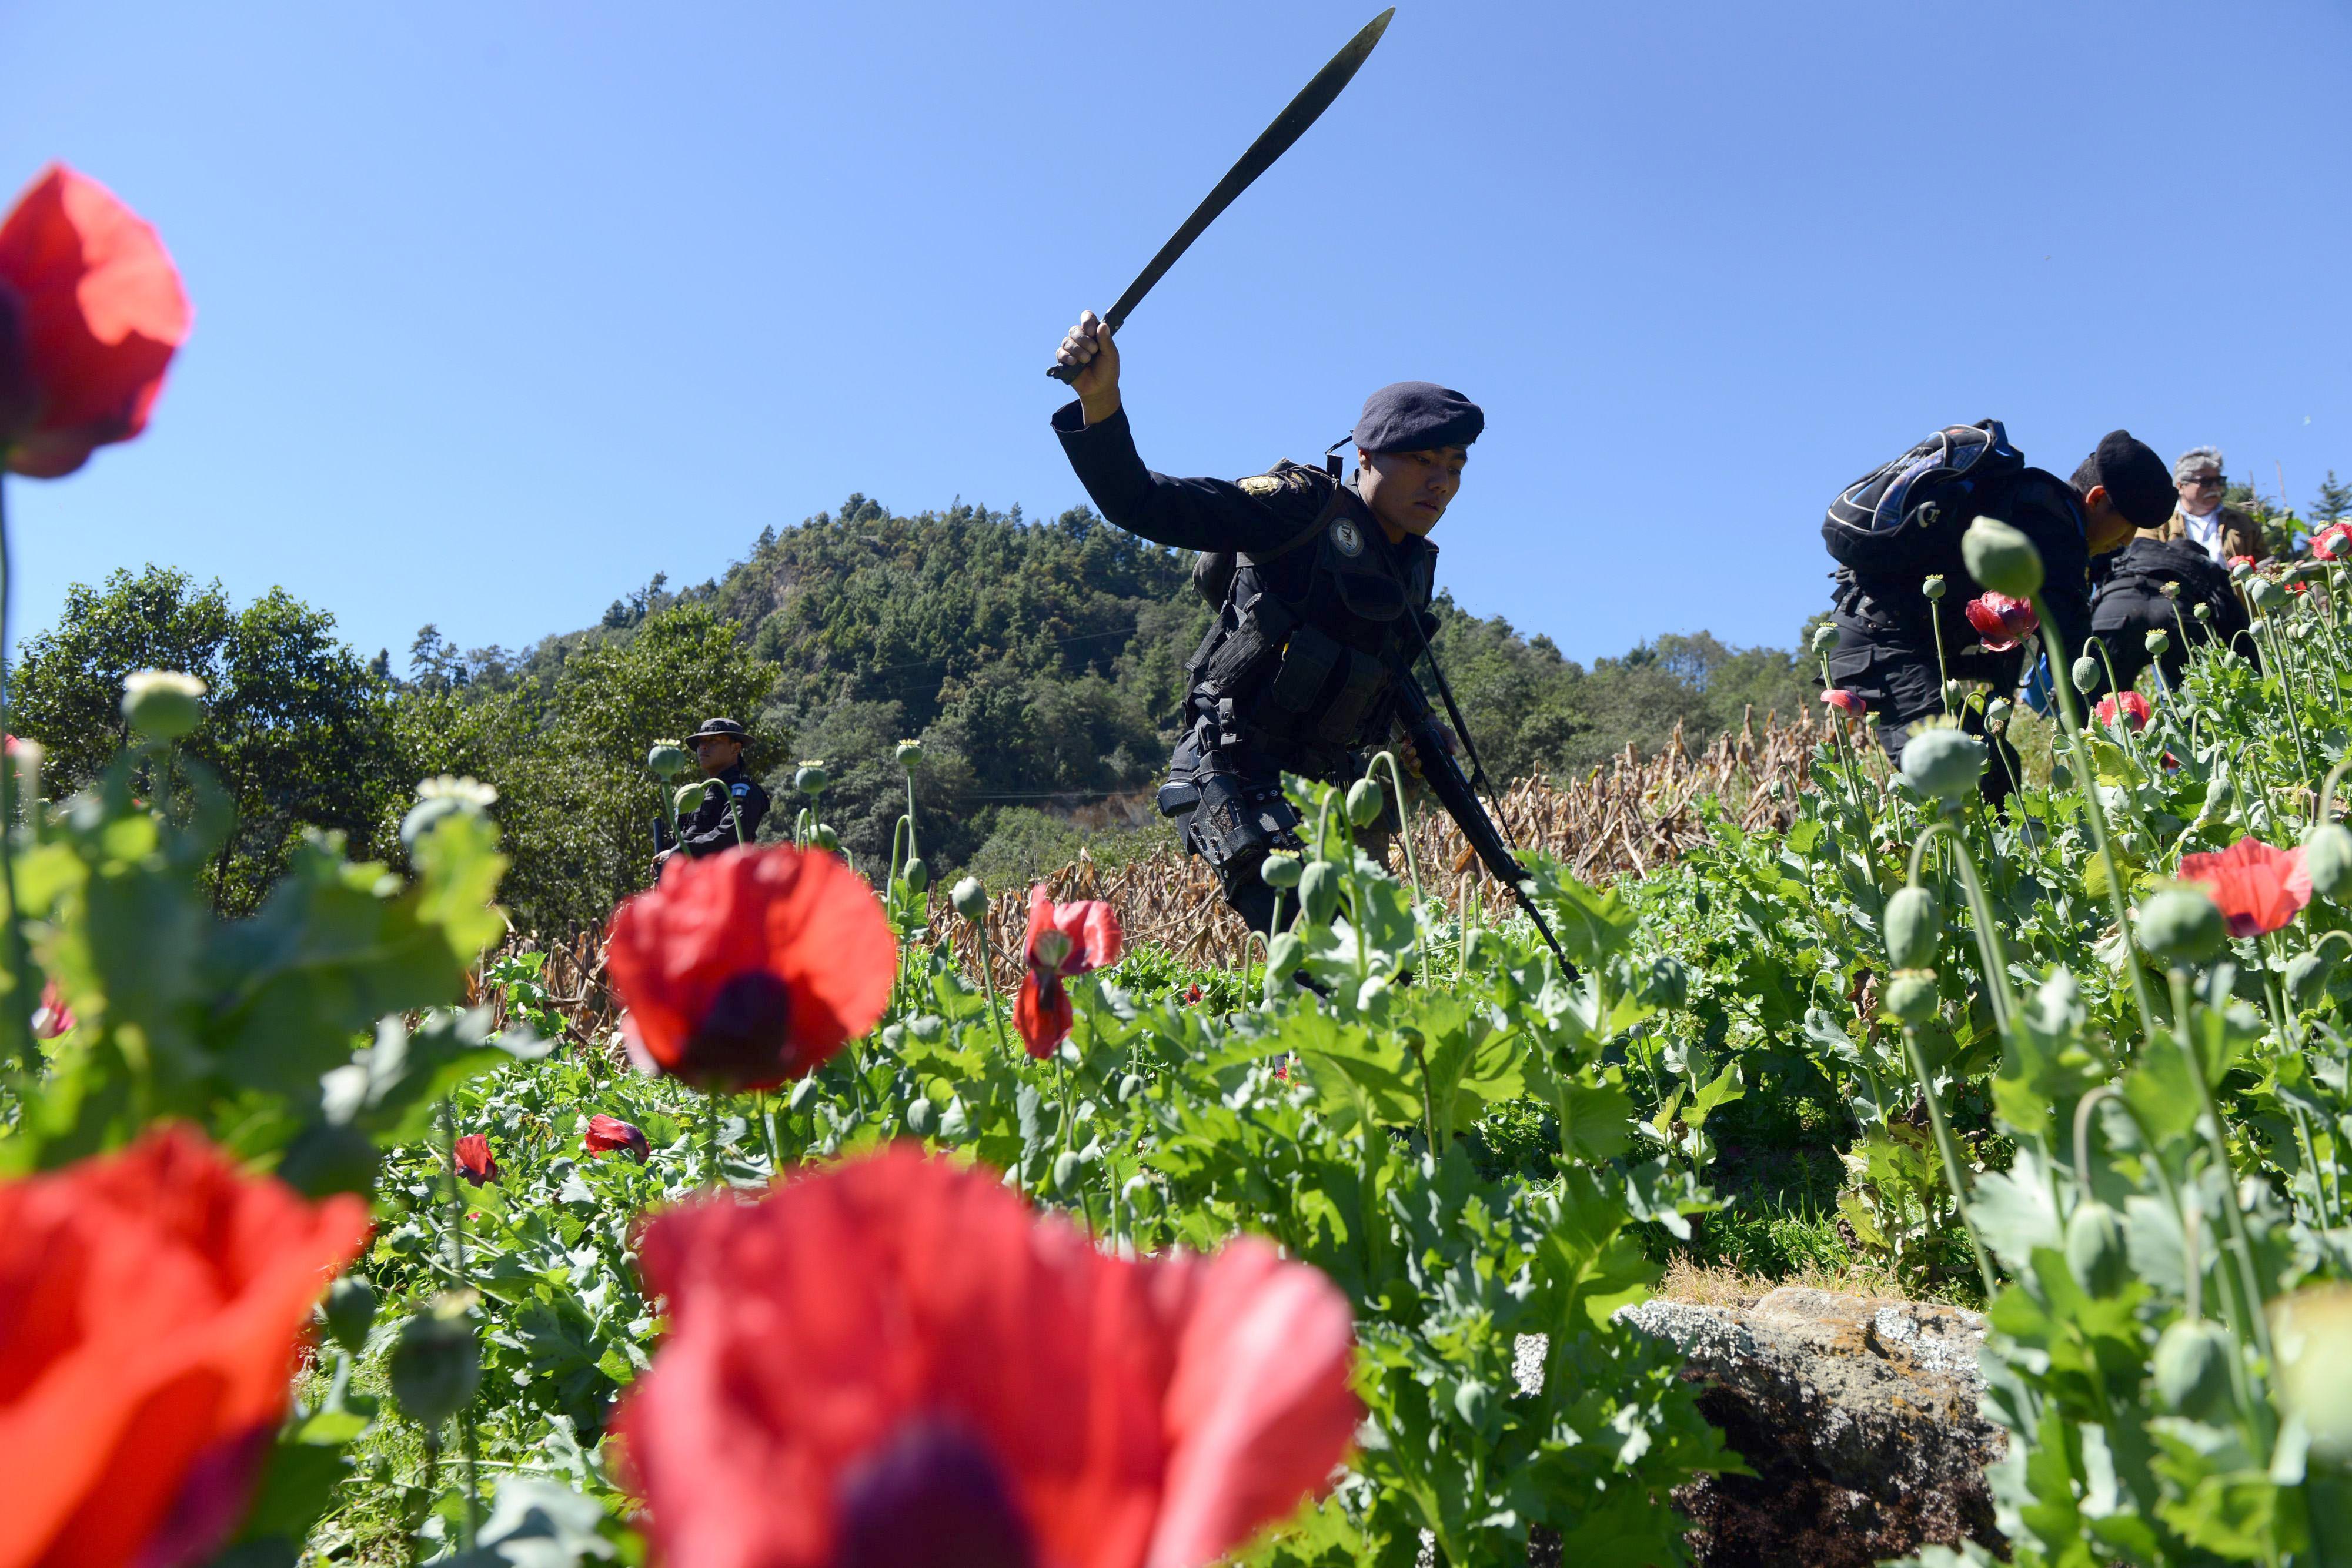 Az ópium legalizálásával fékezné meg az erőszakot a mexikói védelmi miniszter